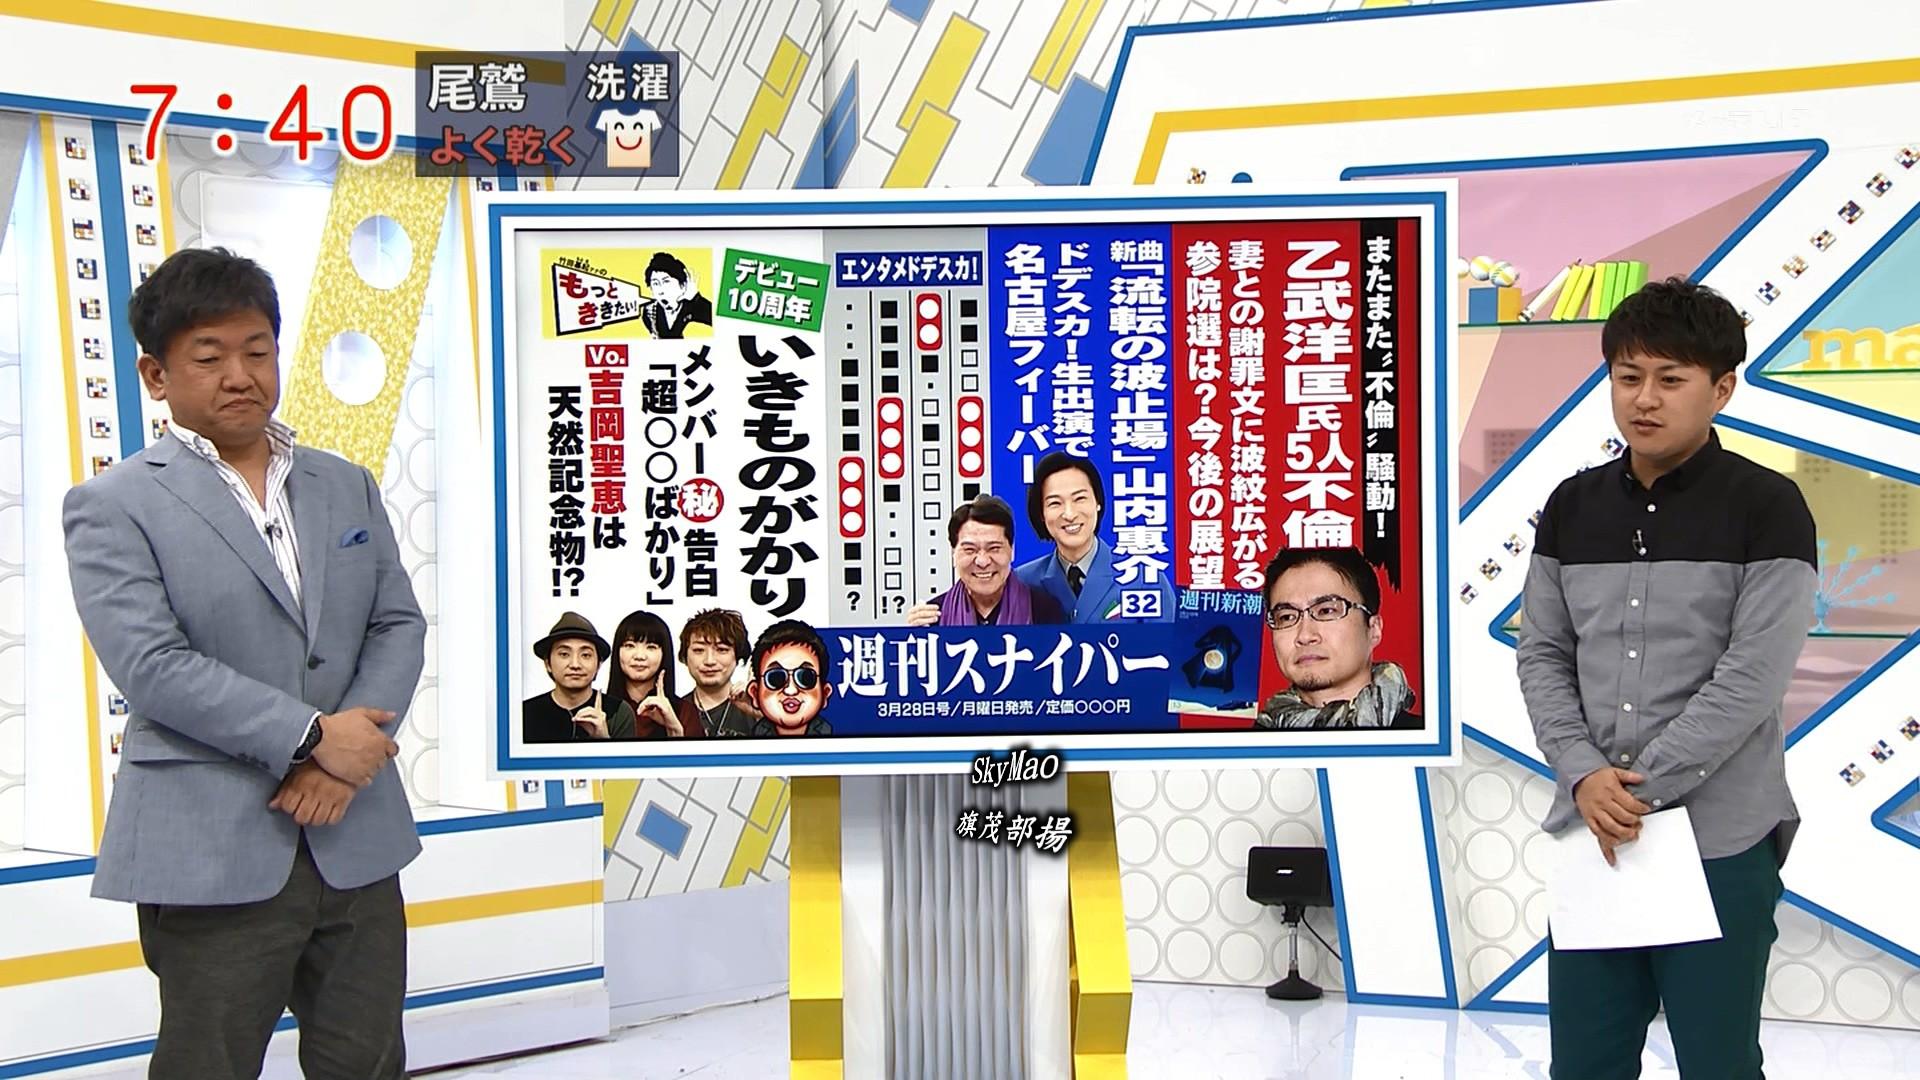 2016.03.28 いきものがかり(ドデスカ!).ts_20160328_133747.261